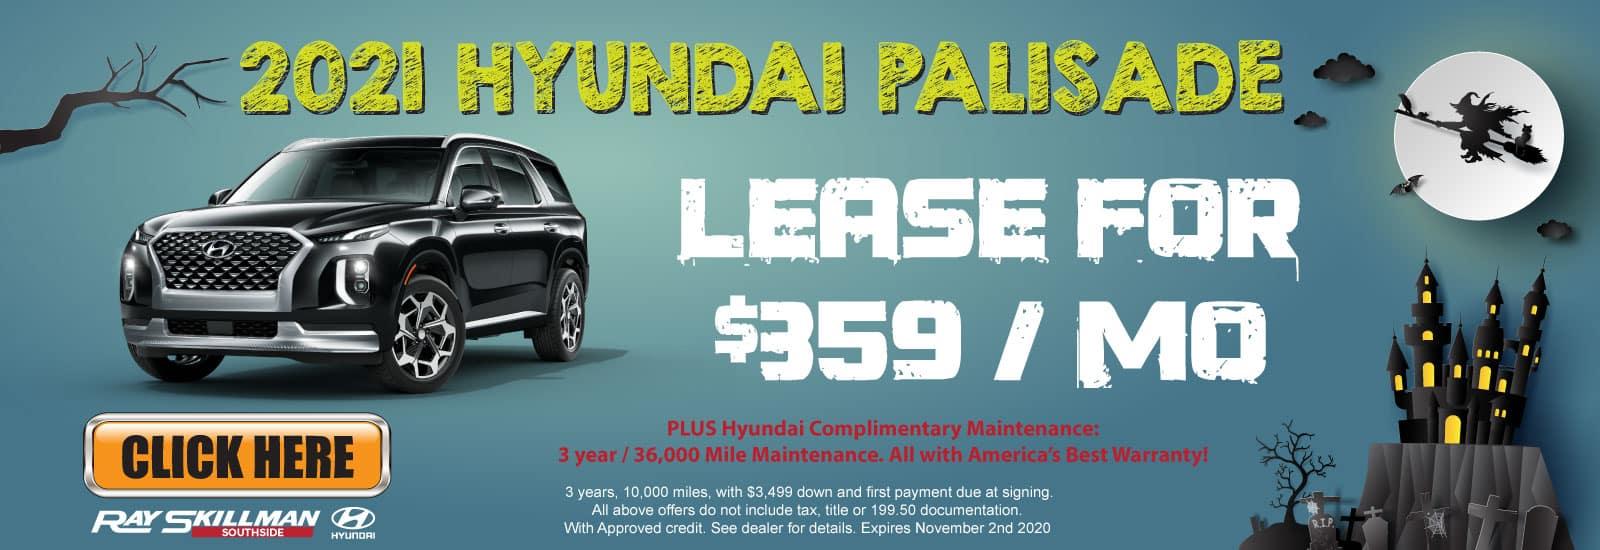 2021-Hyundai-Palisade-Web-Banner-1600×550